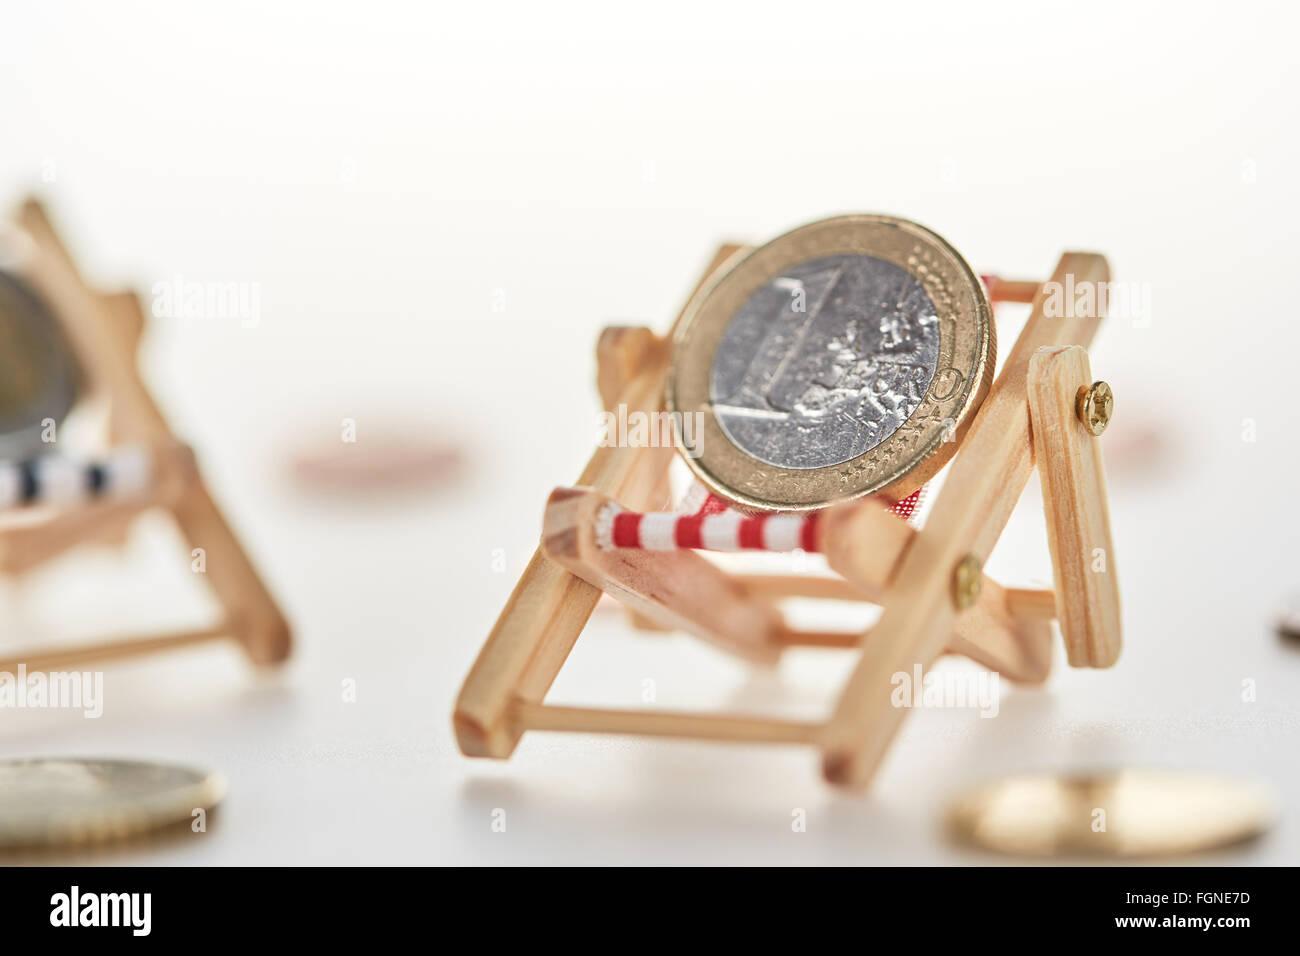 Concept de pension tourné avec de l'argent euro coin détente sur chaise longue miniature Photo Stock